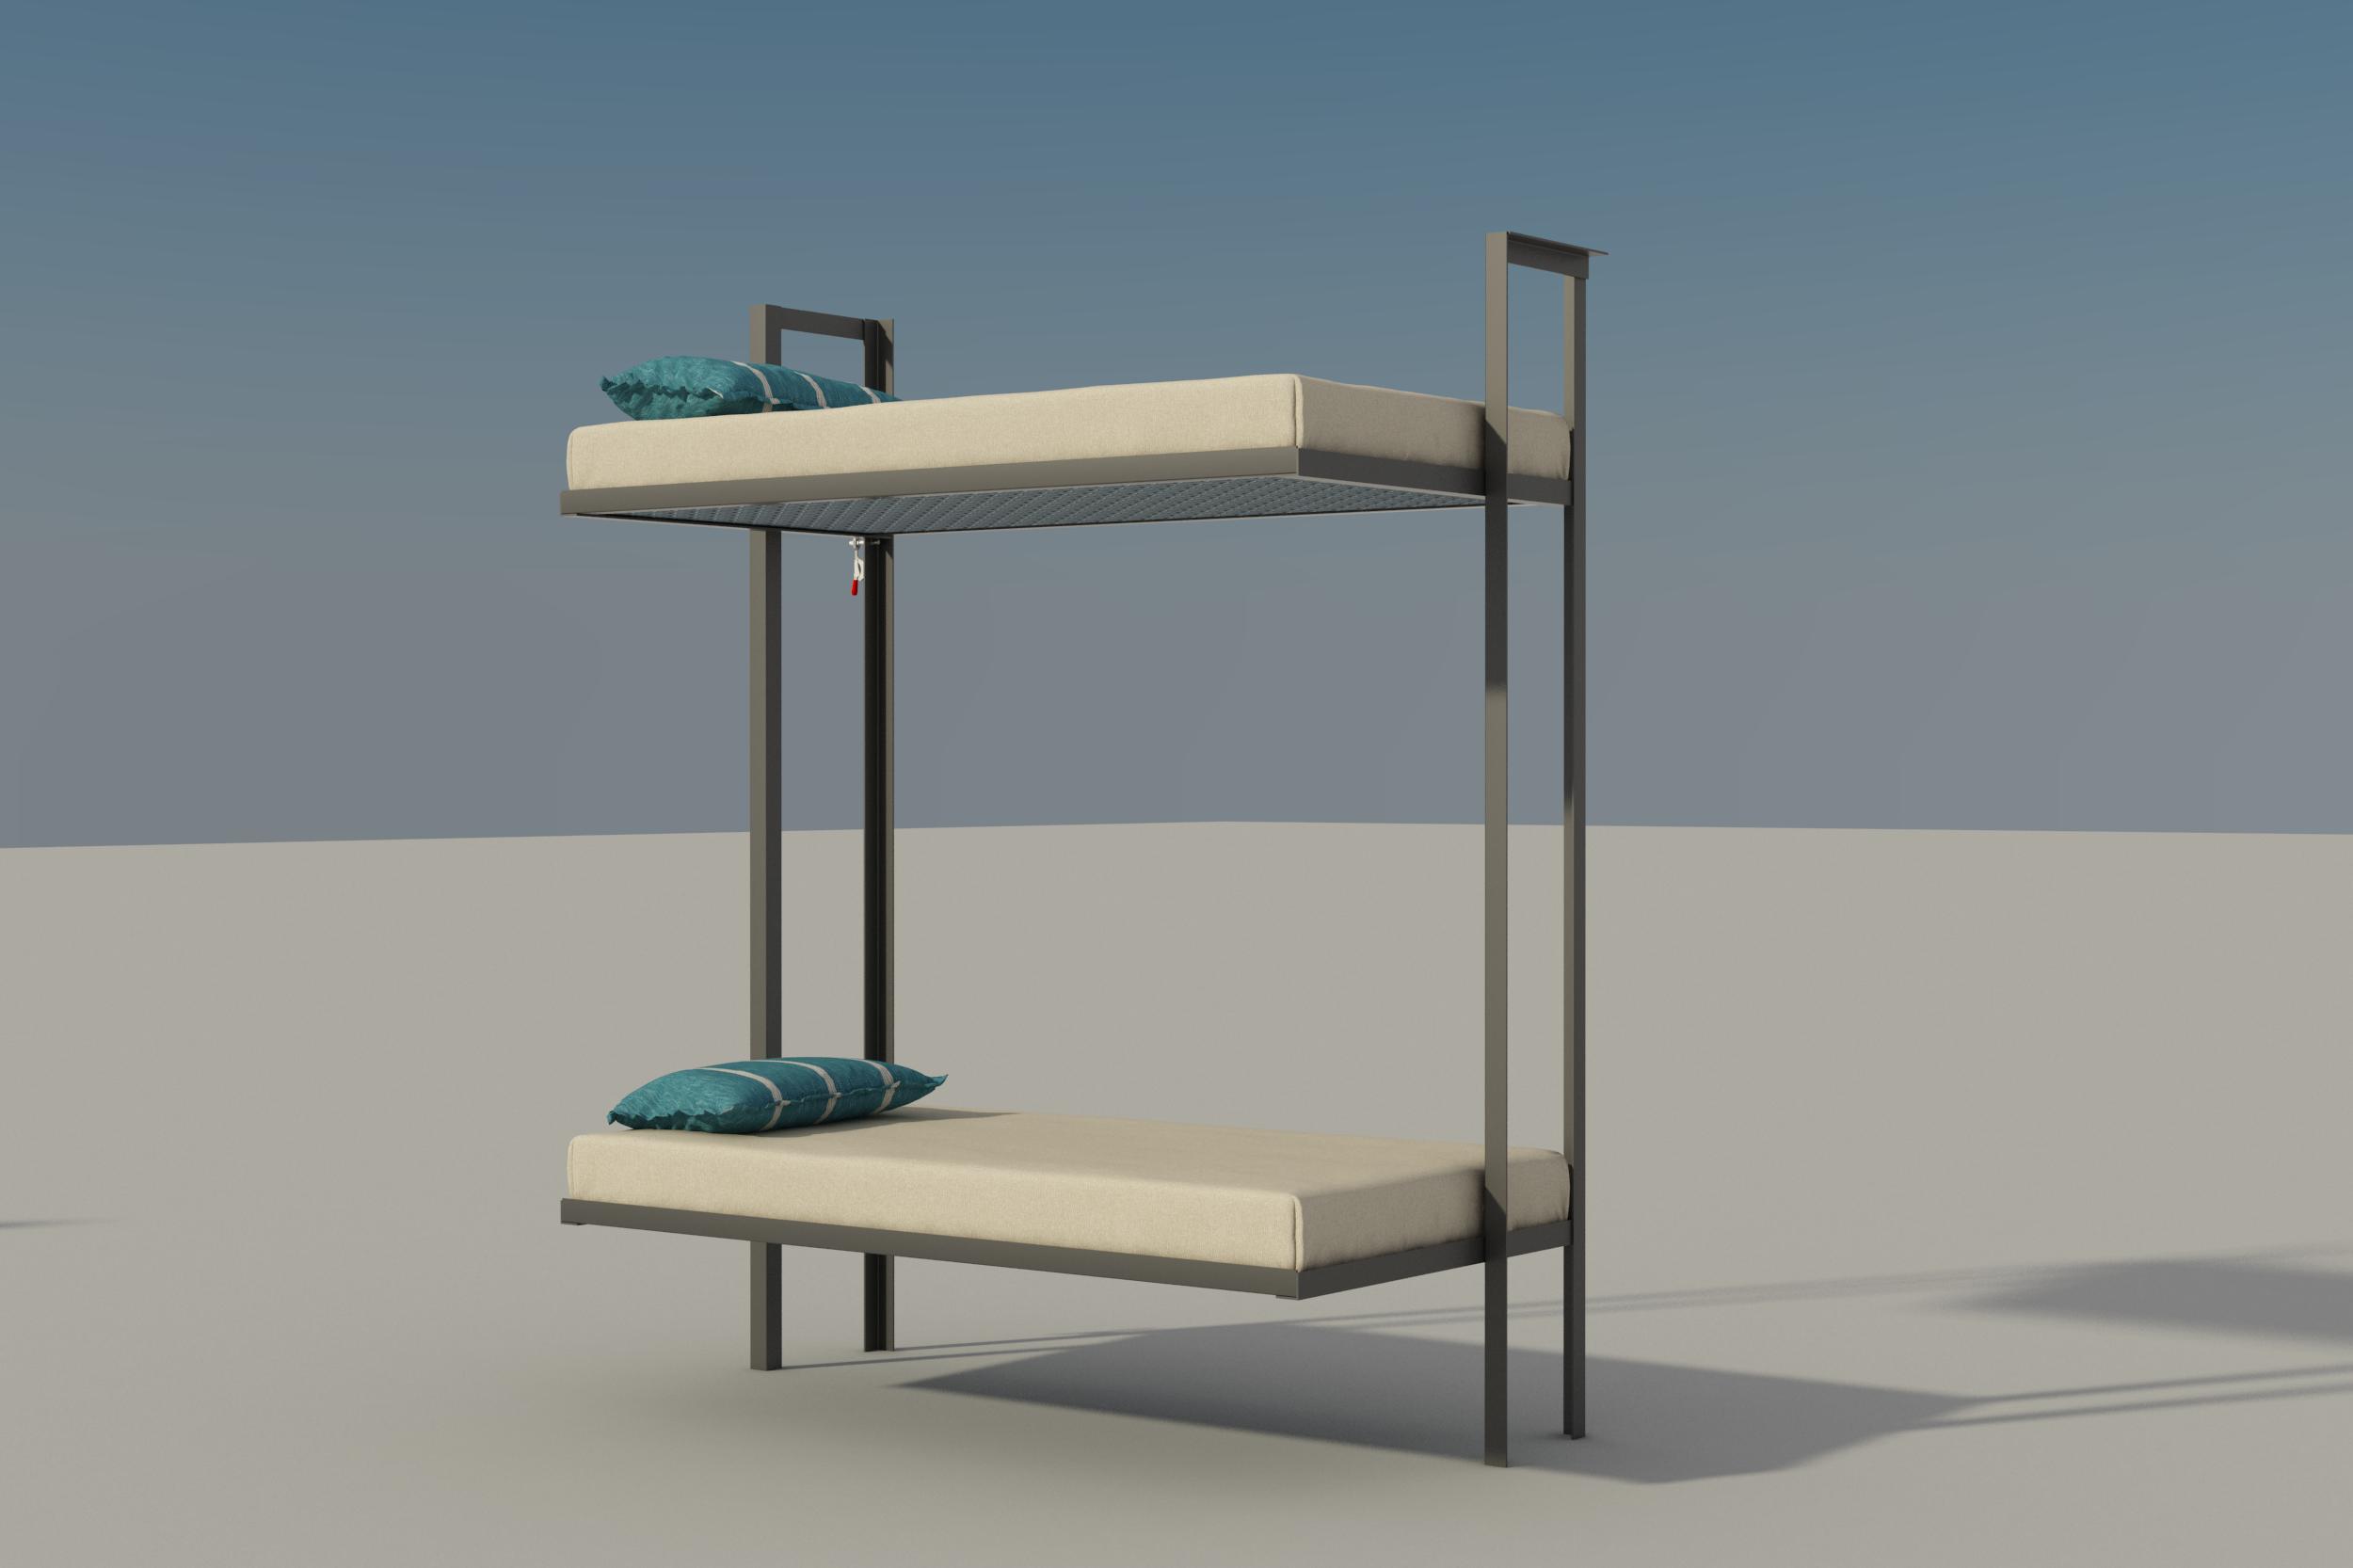 Pin on DIY furniture plans